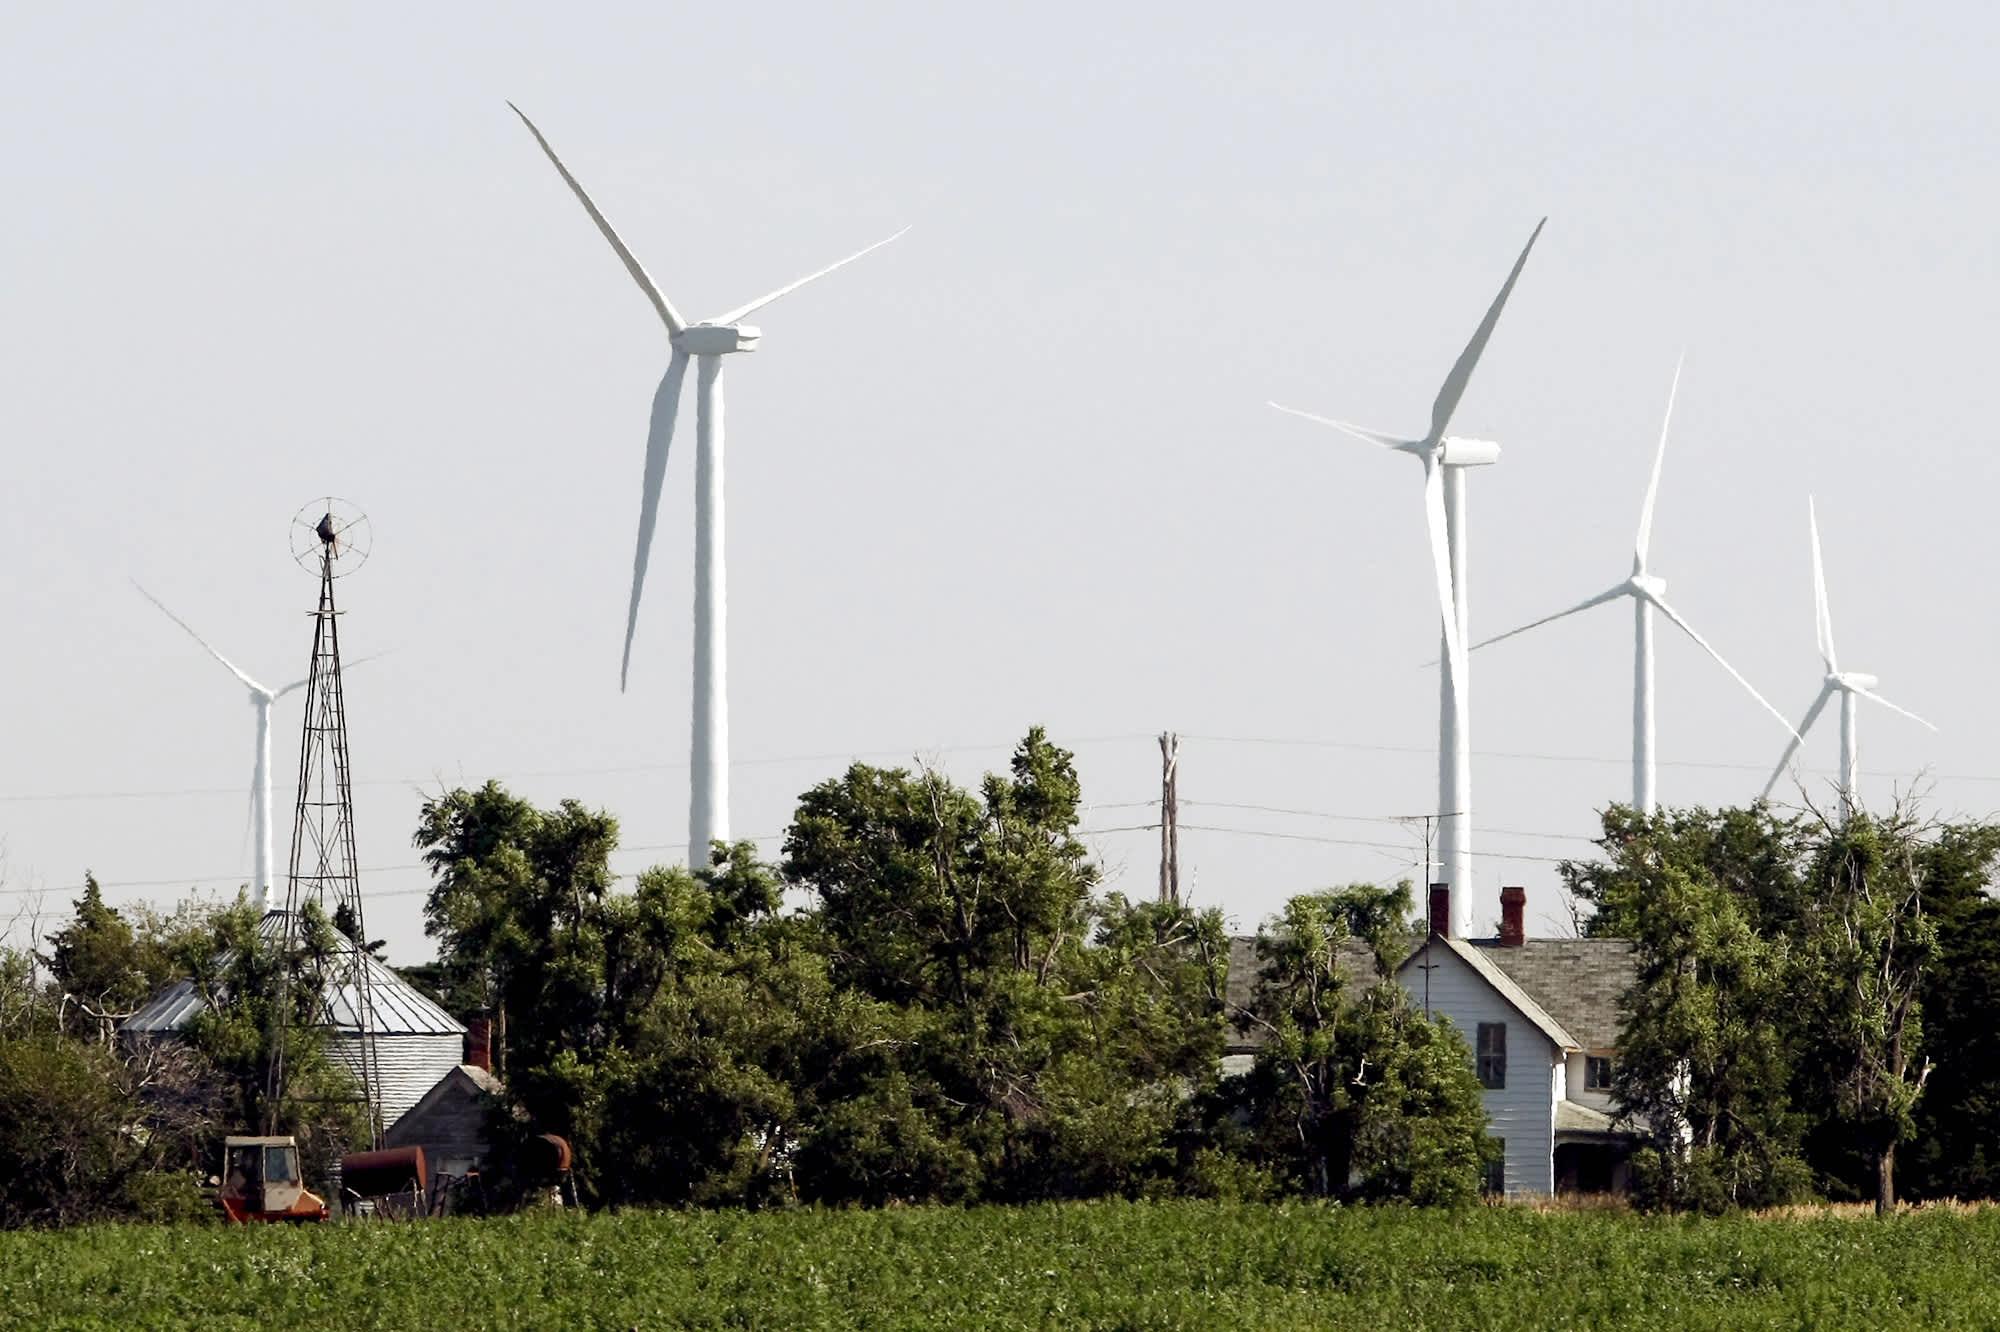 Tuulivoimaloita Kansasissa.